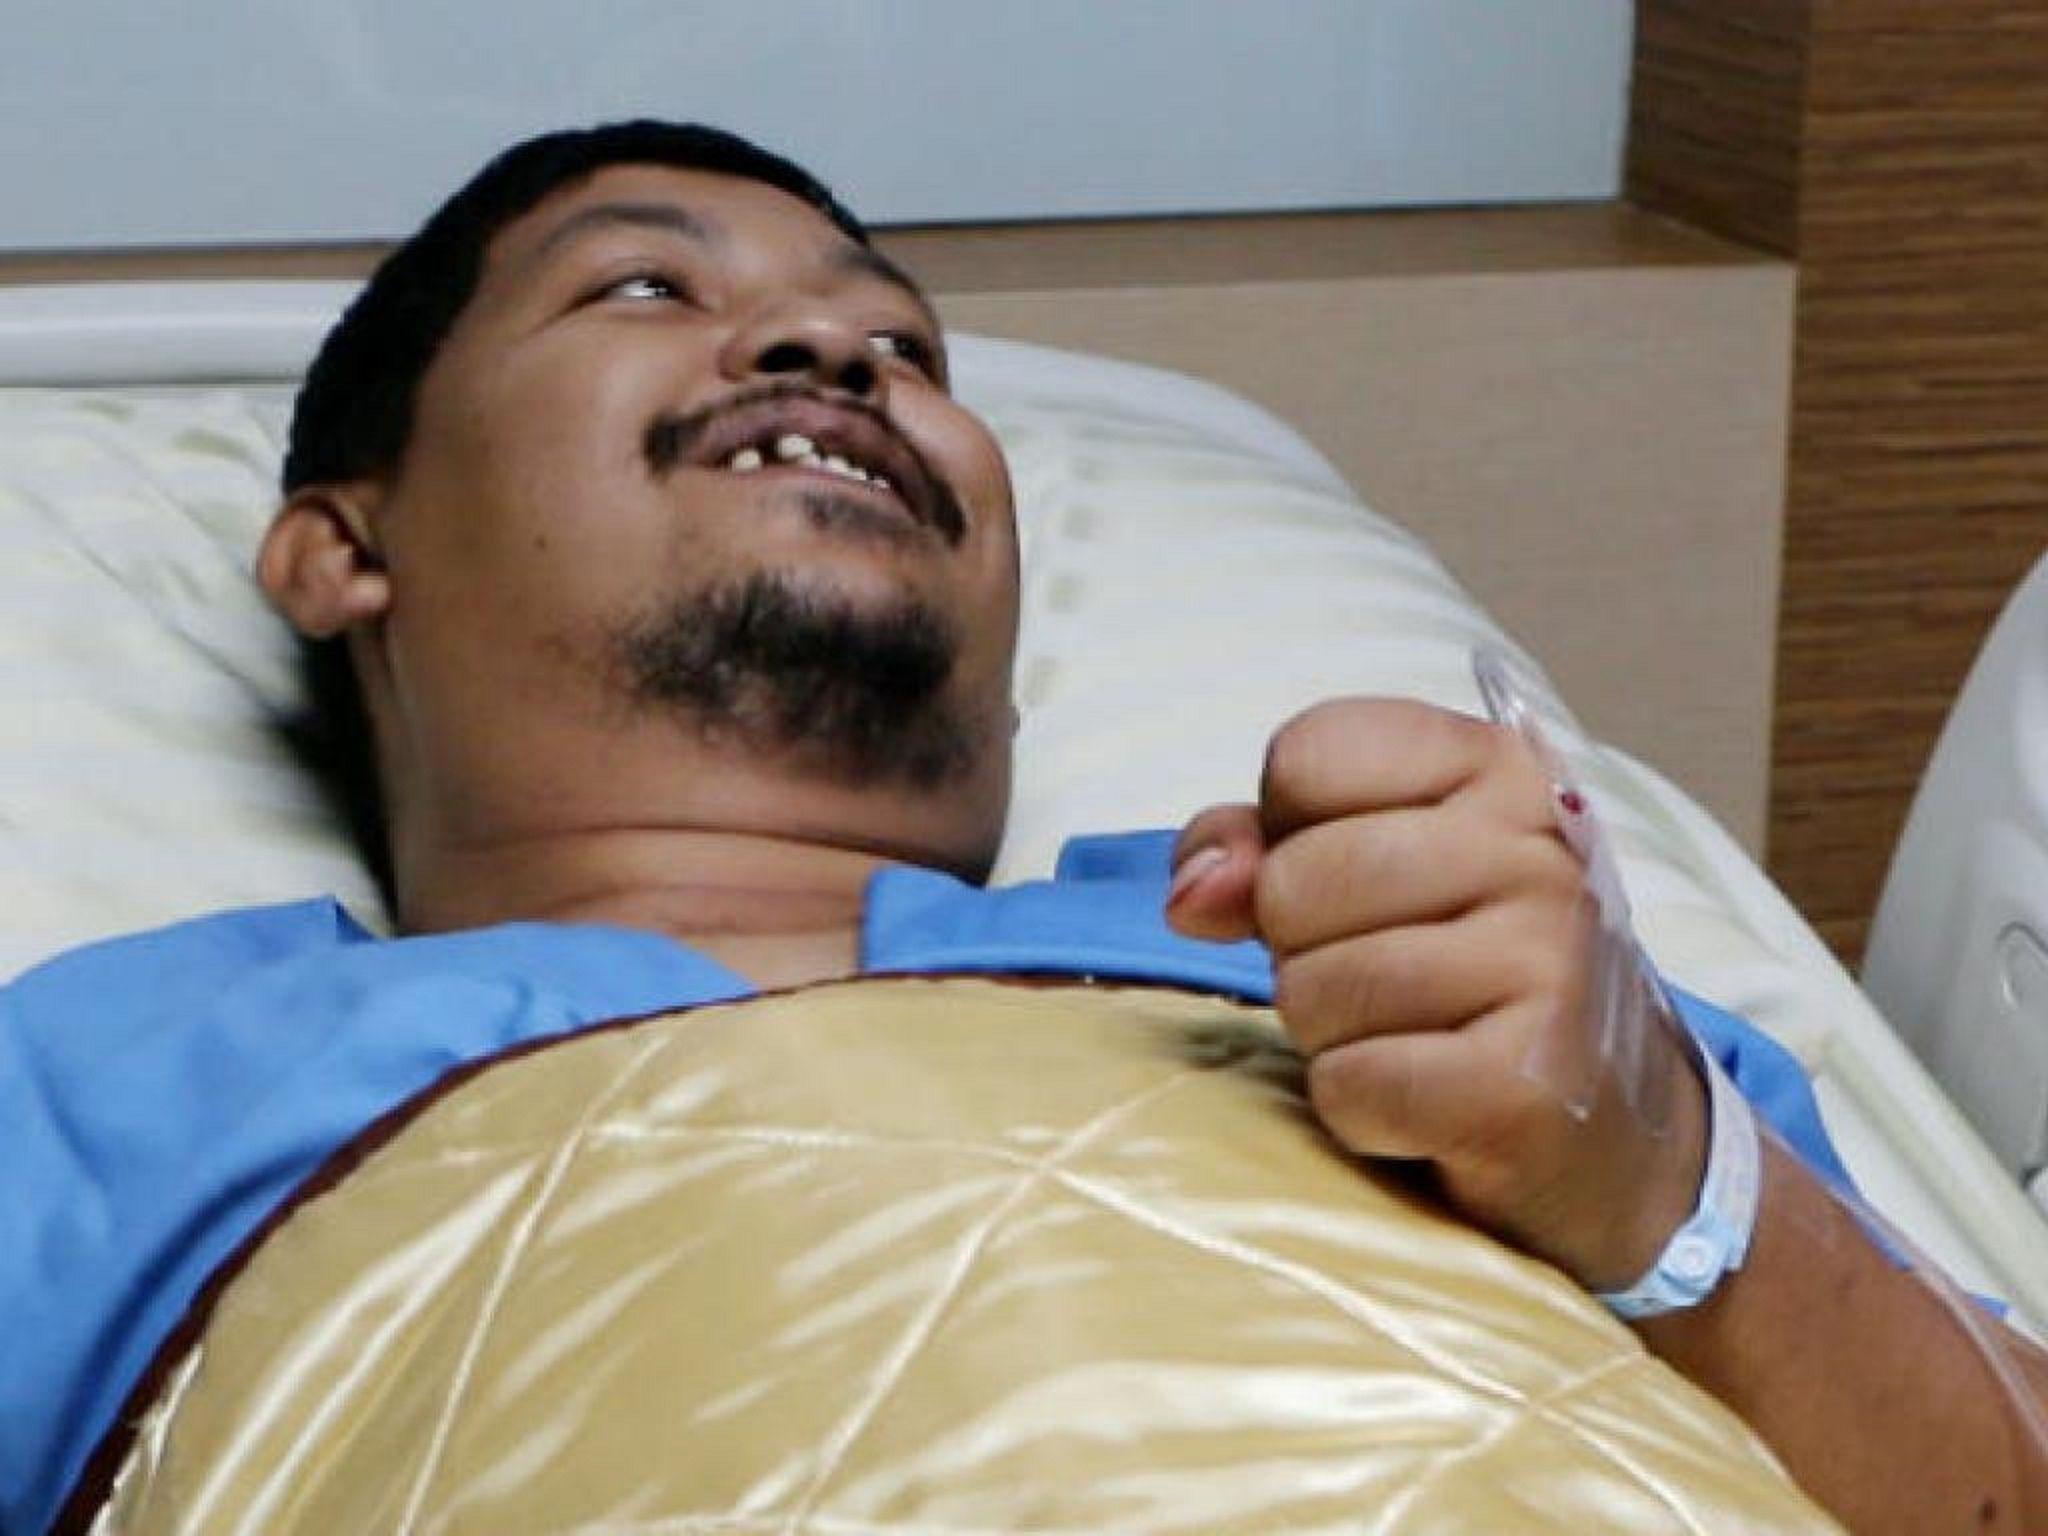 Terrible dolor: una pitón le mordió el pene mientras usaba el inodoro